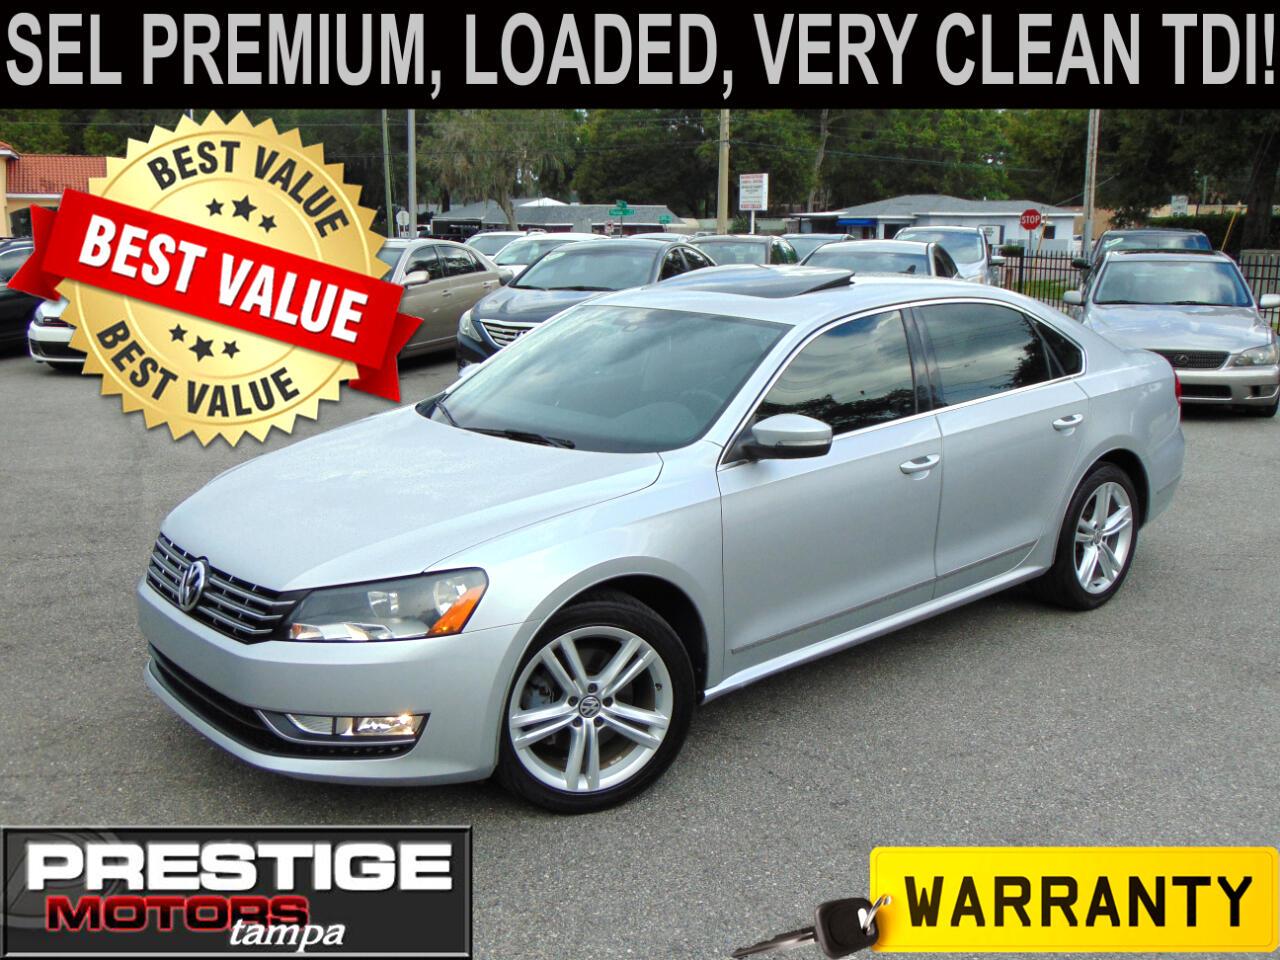 Volkswagen Passat 2.0L TDI SEL Premium 2014